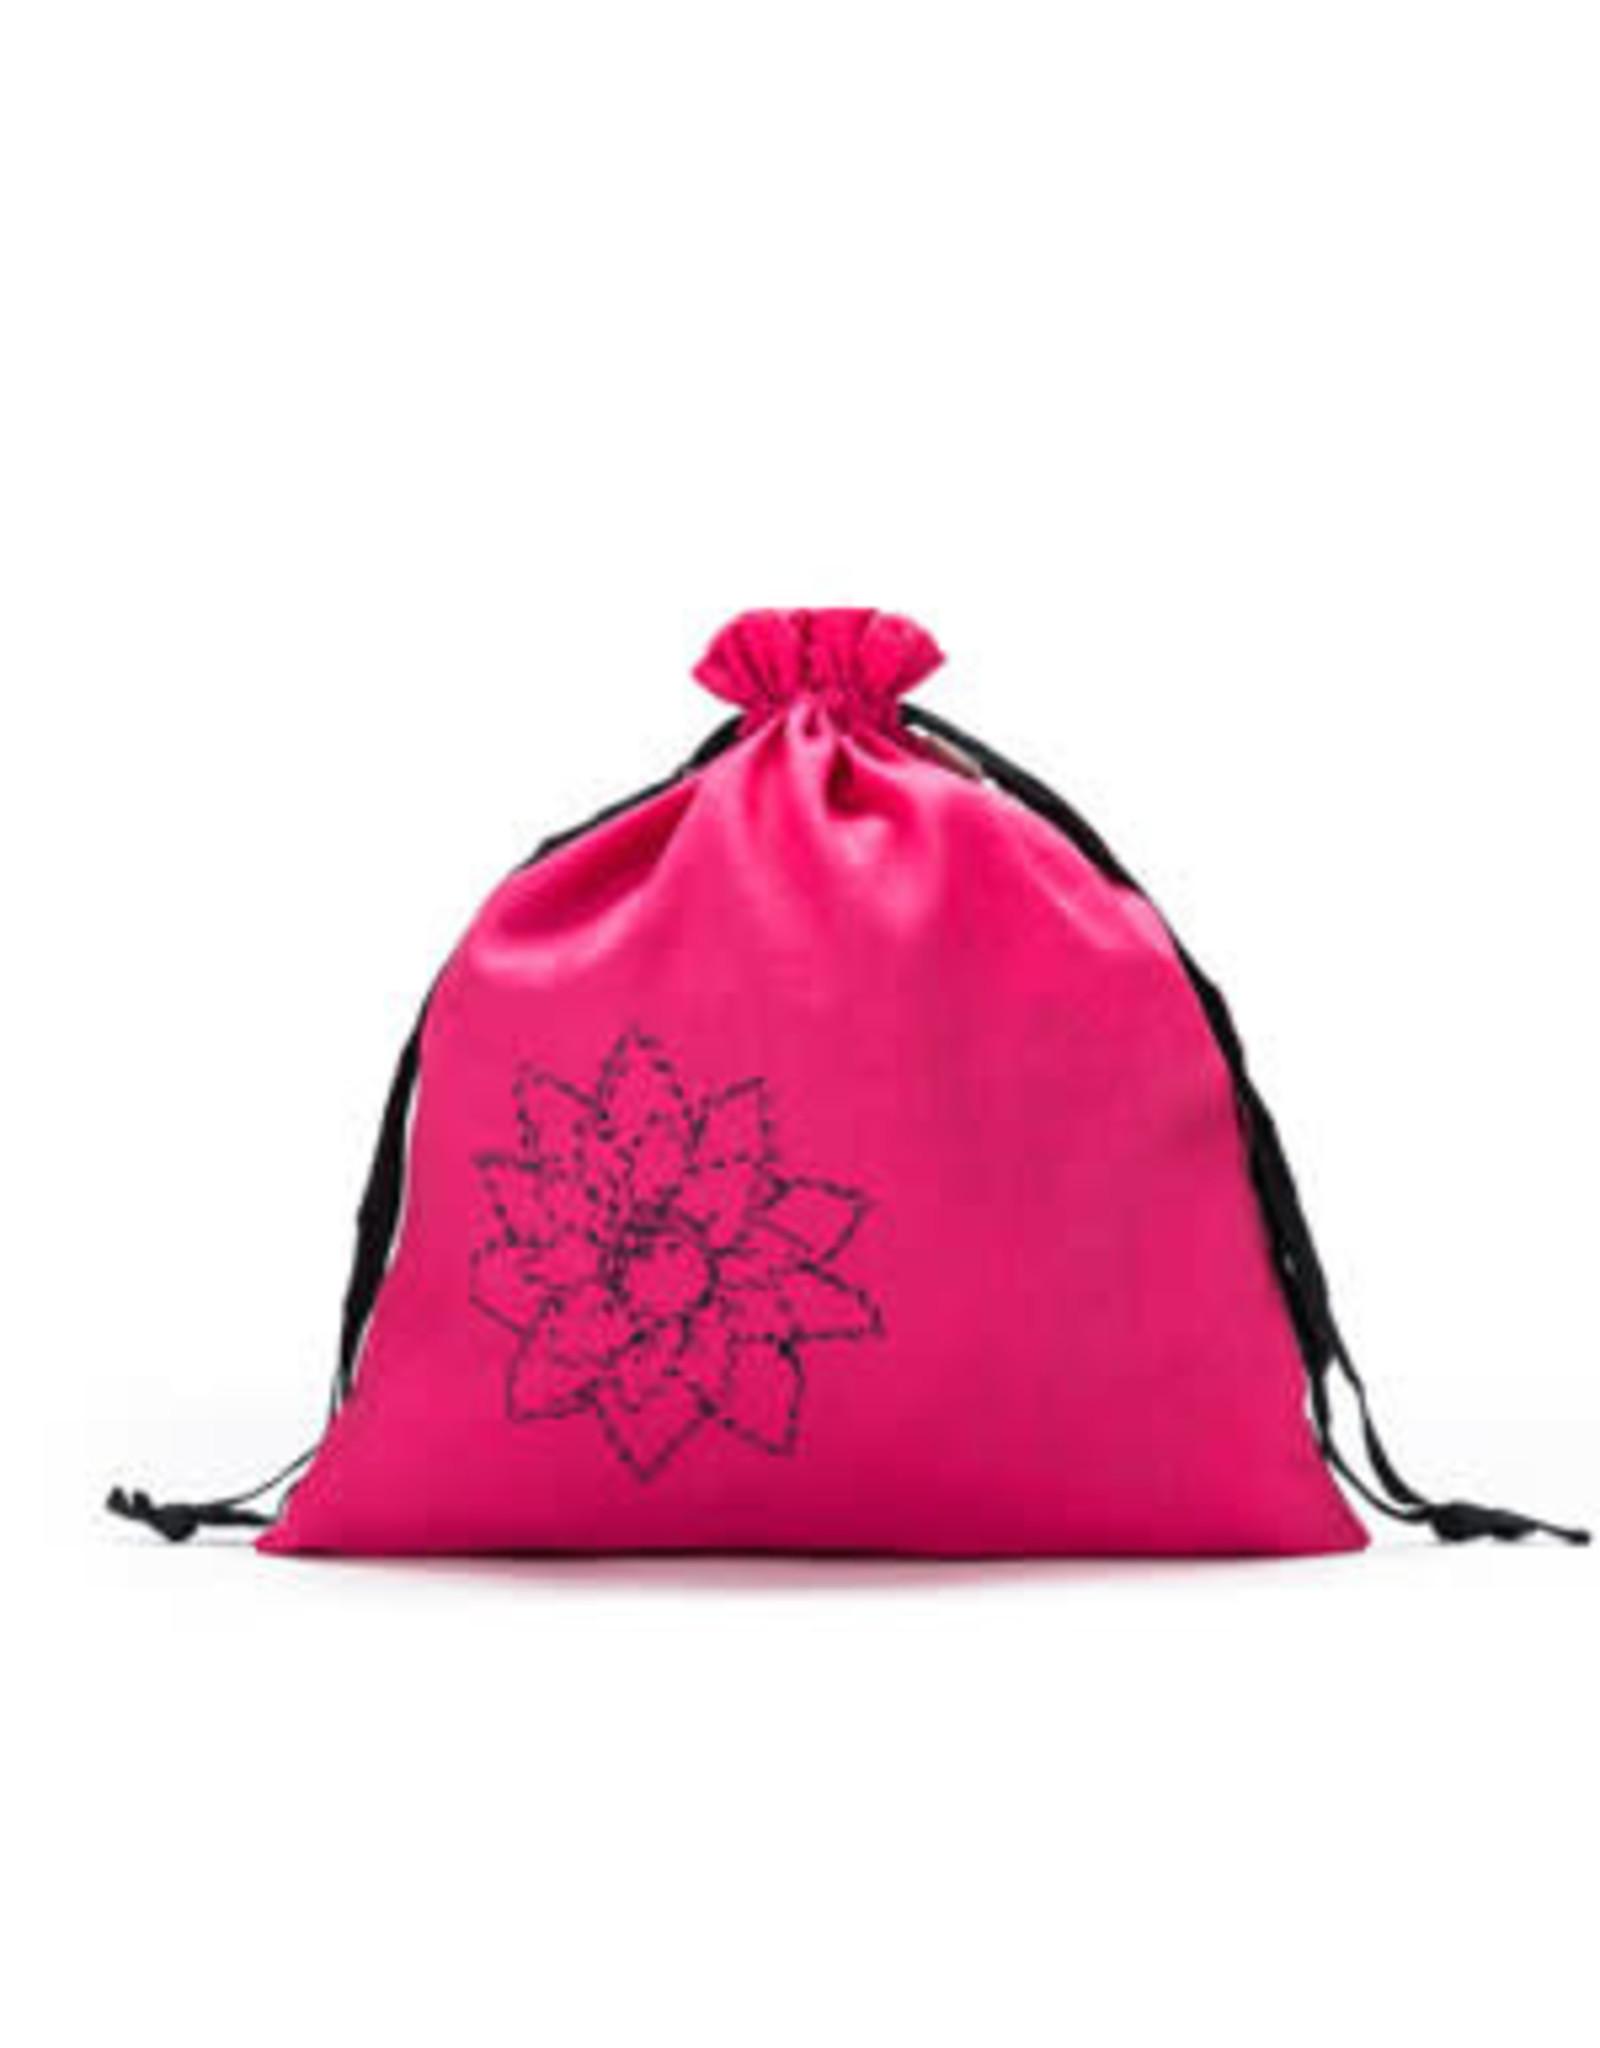 Large Eden Cotton pouch - Fuchsia Linen Brights - Della Q